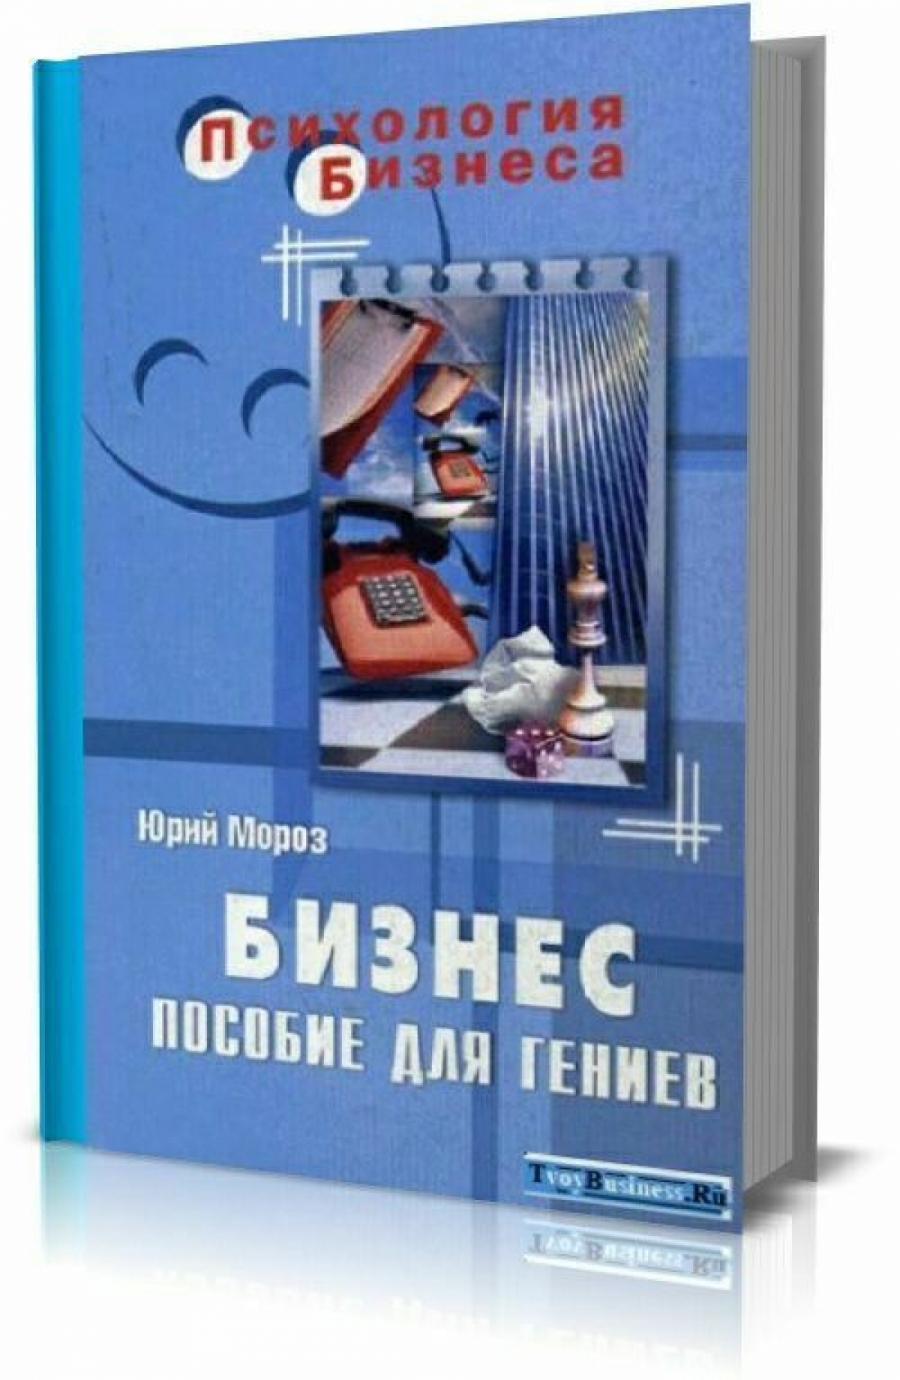 Обложка книги:  юрий мороз - бизнес - пособие для гениев.